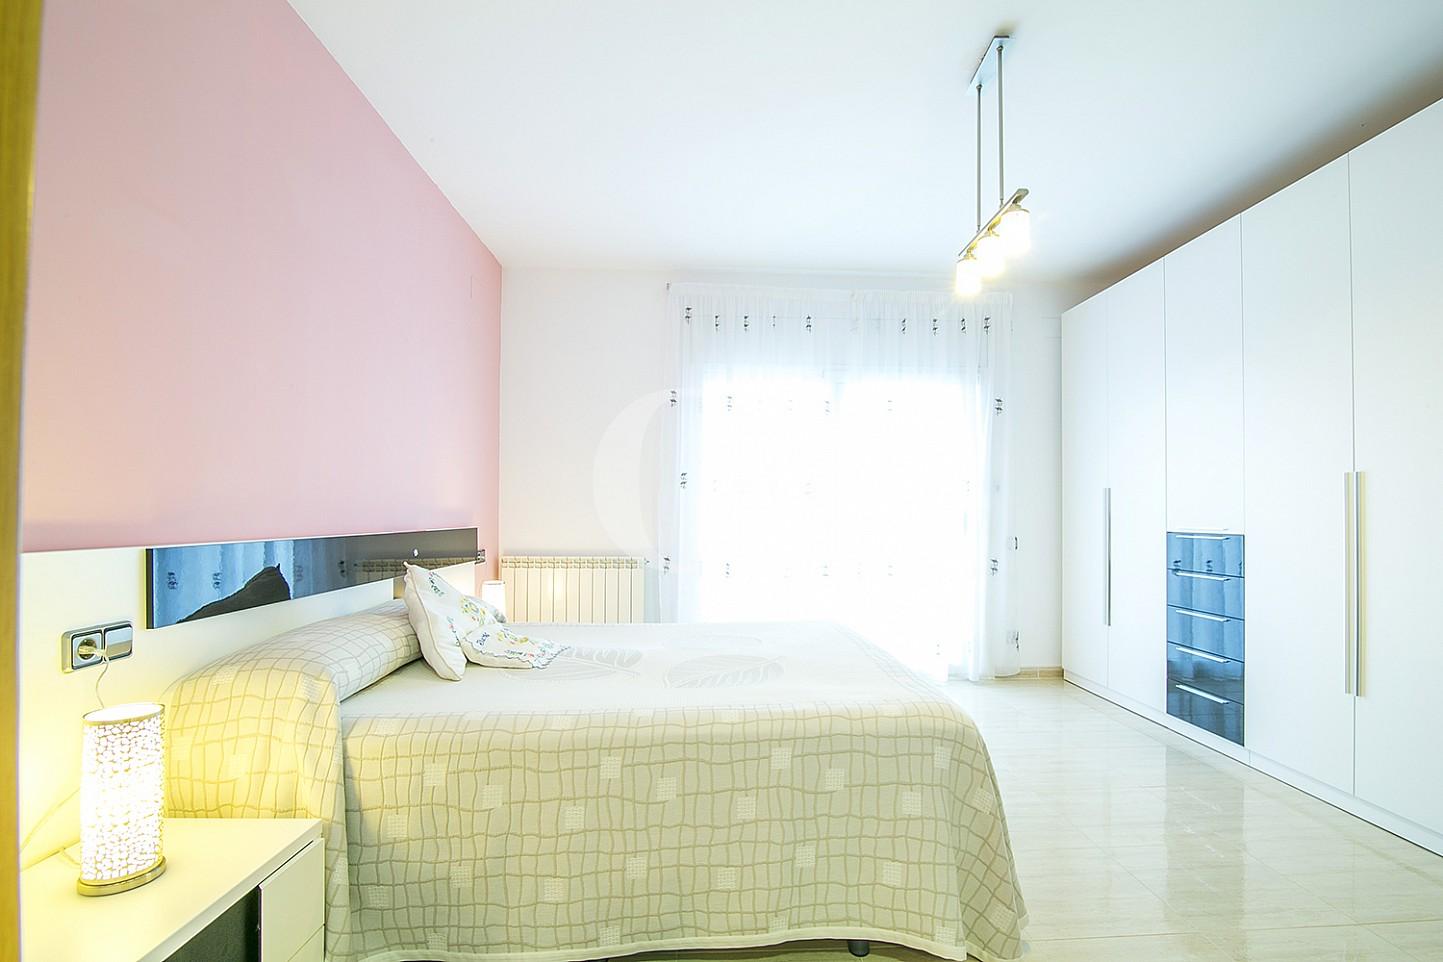 Dormitori  d'una casa amb vistes en venda a Lloret de Mar, Costa Brava